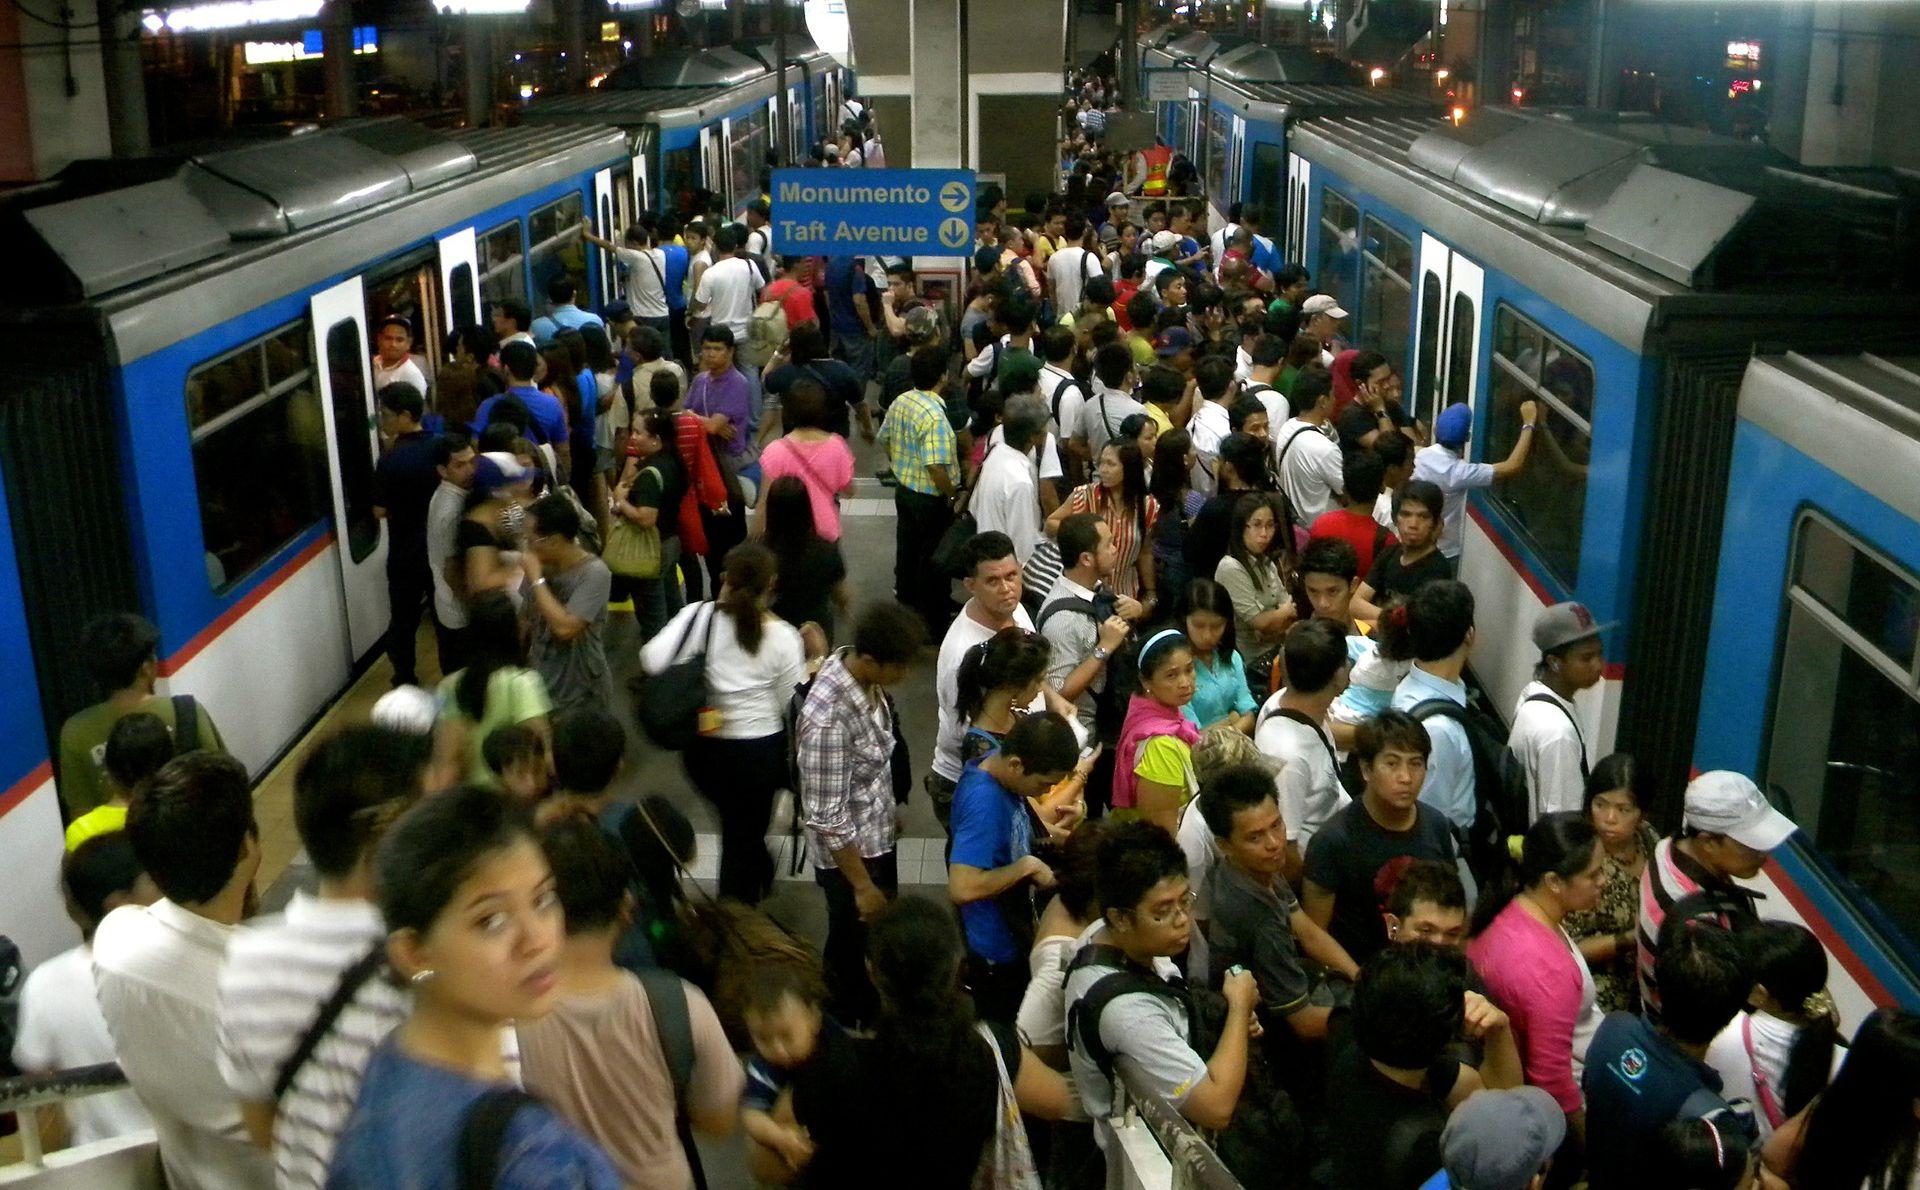 PROMIJENITE NAVIKE Korištenje javnog prijevoza dobro za zdravlje i okoliš